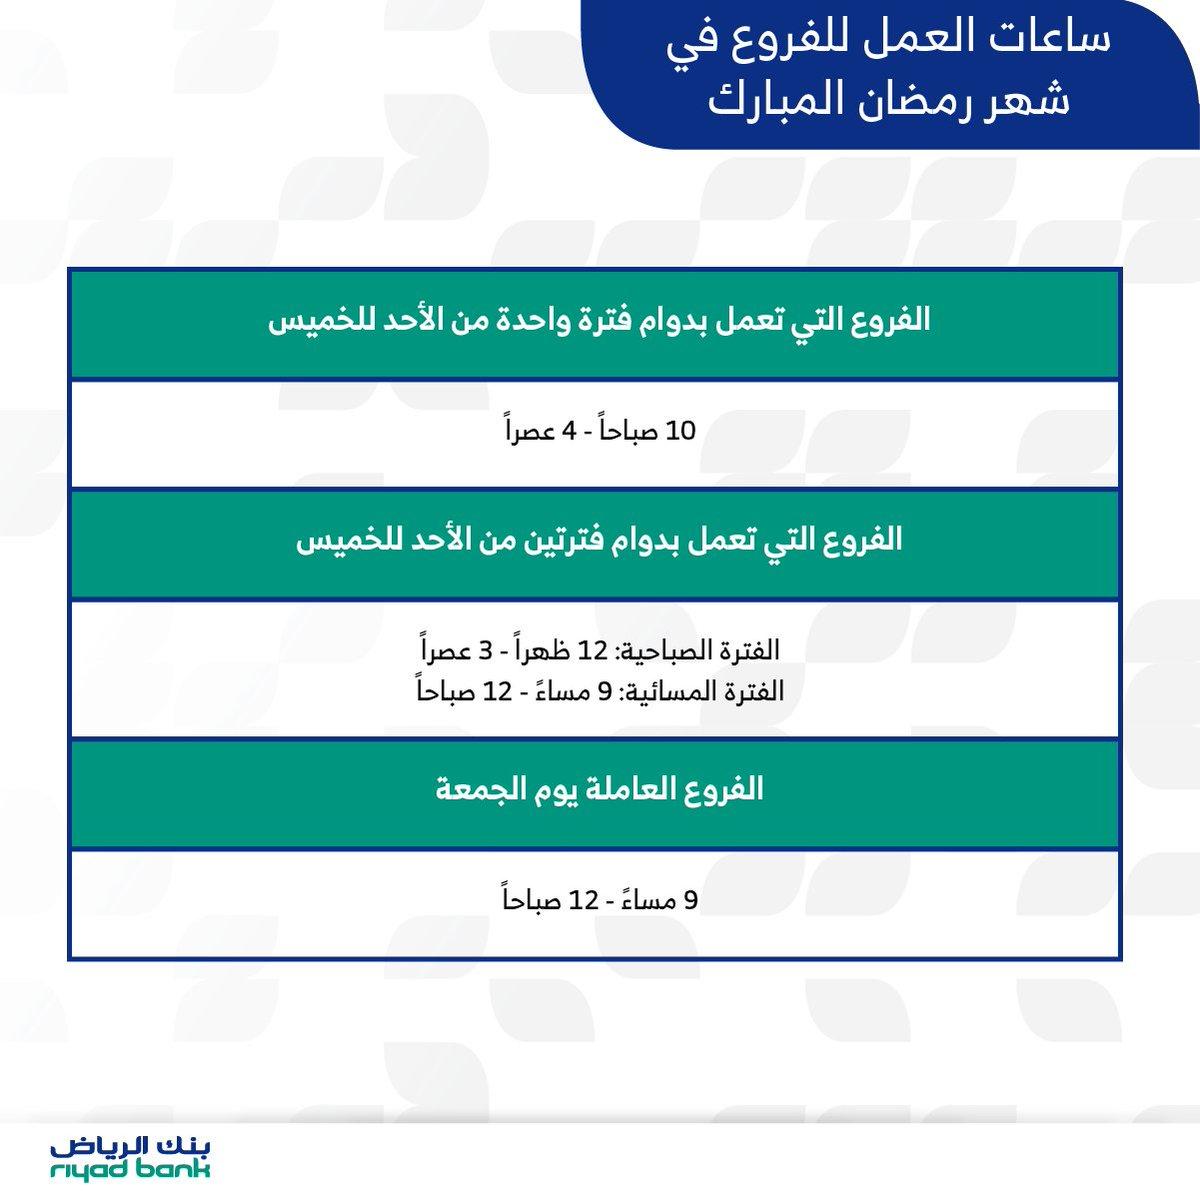 يسلم باليد معتوه متاح ساعات عمل البنوك في رمضان 1440 Sjvbca Org